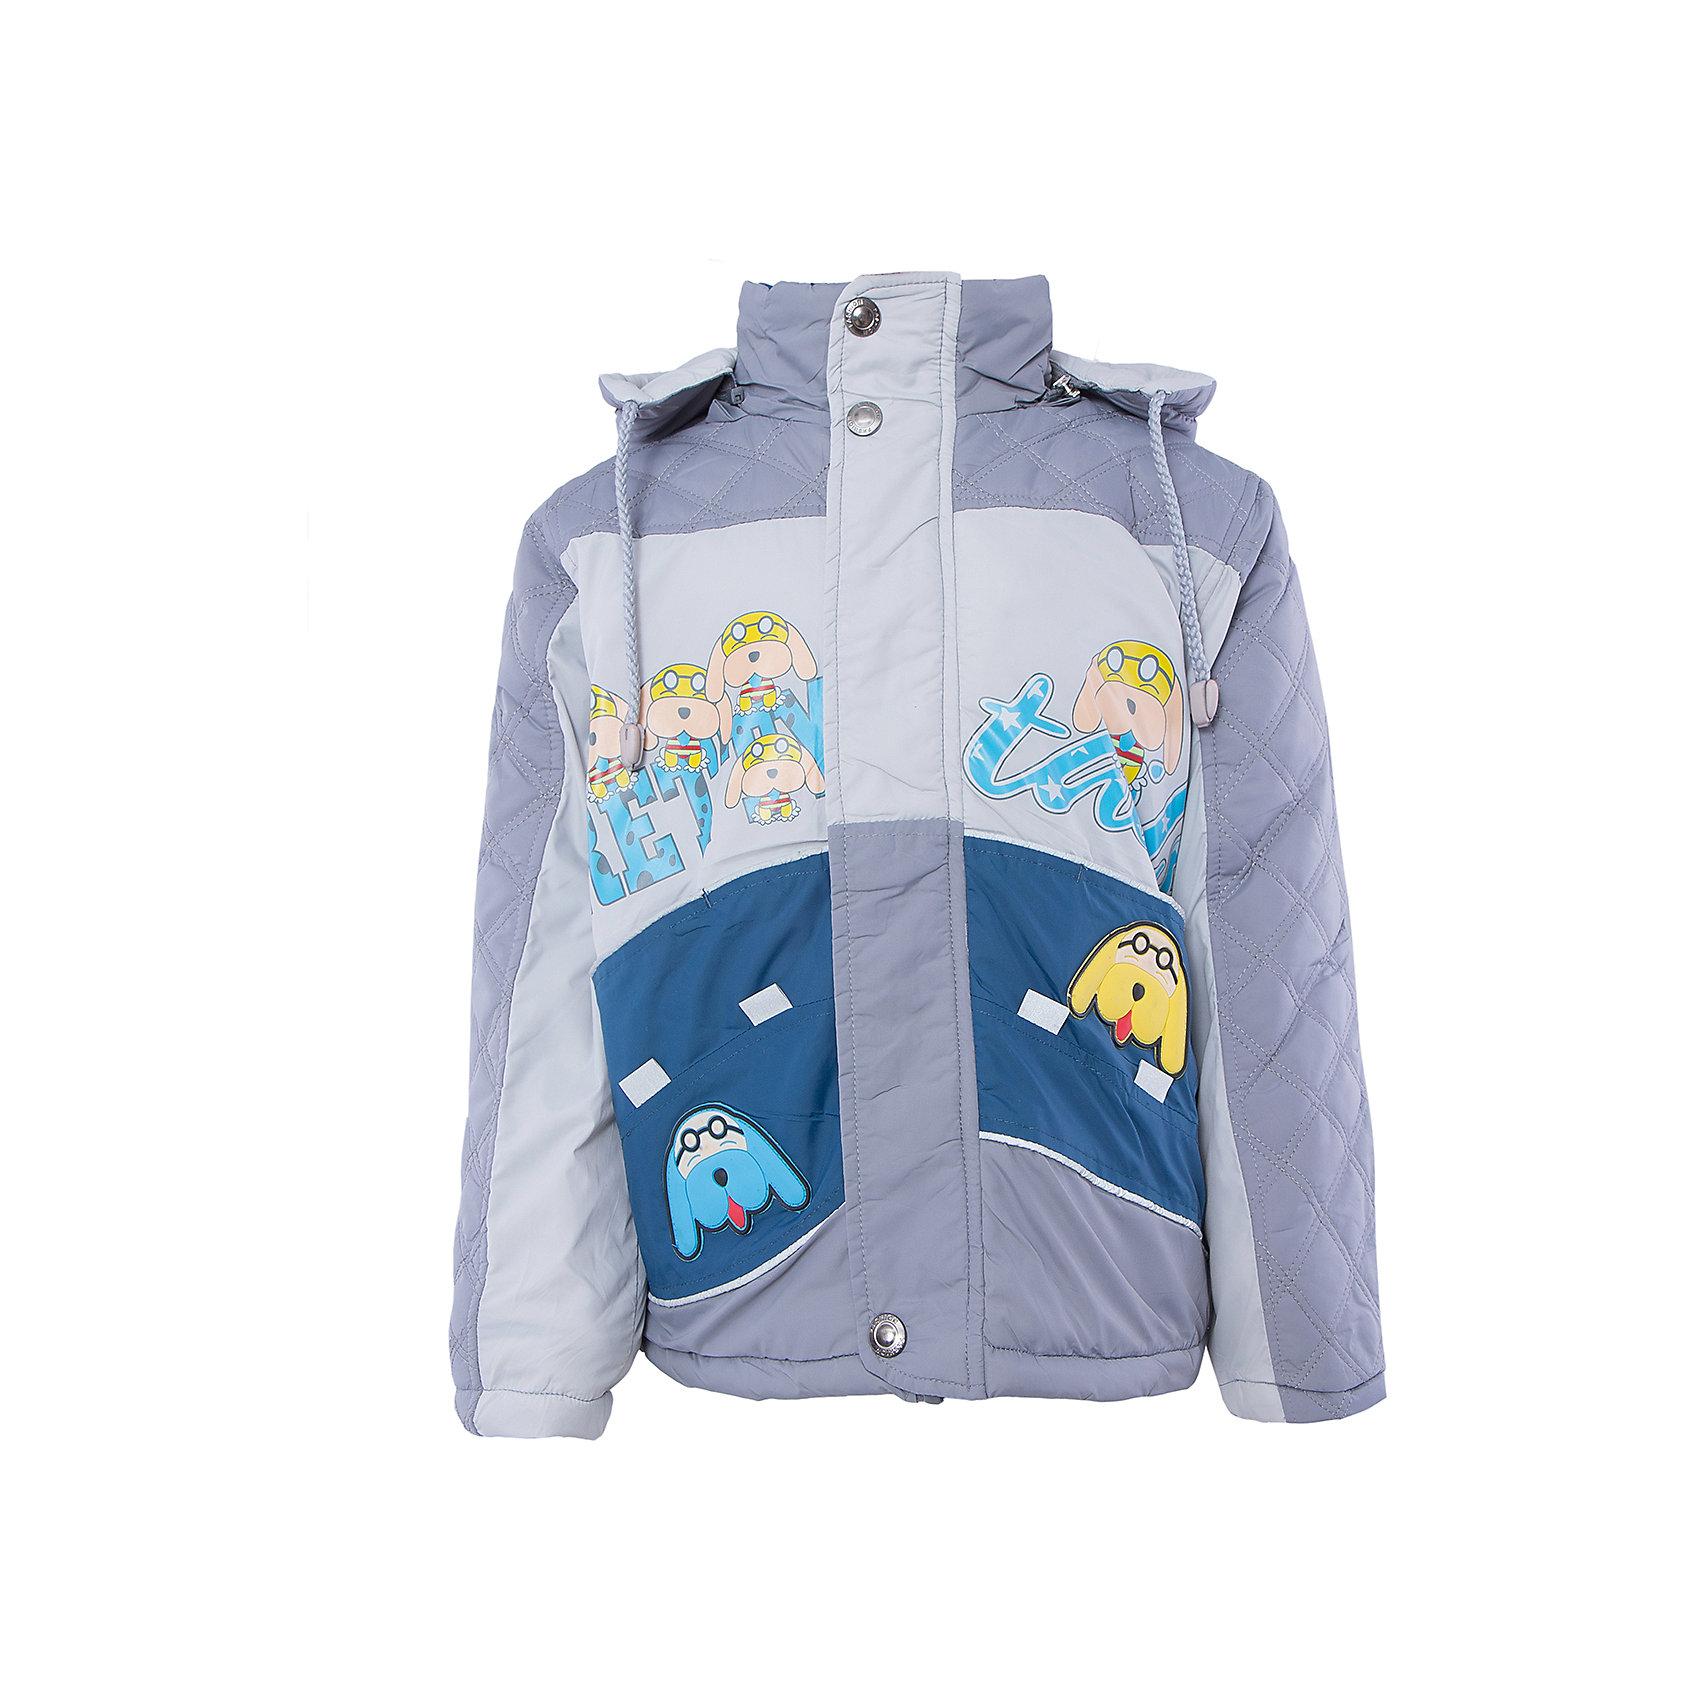 Куртка для мальчика DAUBERВерхняя одежда<br>Куртка для мальчика DAUBER<br><br>Характеристики:<br><br>• Состав: 100%полиэстер.<br>• Цвет: серый, синий.<br>• Материал: текстиль.<br>• Температурный режим до -5 . *<br><br>* Температурный режим указан приблизительно — необходимо, прежде всего, ориентироваться на ощущения ребенка. <br><br>Куртка для мальчика DAUBER от российского бренда DAUBER.<br>Яркая куртка серого цвета с синими вставками выполнена из синтетического материала. Застегивается куртка на молнию, также имеется дополнительный клапан с кнопками. Капюшон, затягивающийся на шнурок, надежно защитит Вашего малыша от ветра и непогоды. Оригинальный забавный принт – собачки ,не оставит равнодушным вашего малыша. <br><br>Куртка для мальчика DAUBER, можно купить в нашем интернет - магазине.<br><br>Ширина мм: 356<br>Глубина мм: 10<br>Высота мм: 245<br>Вес г: 519<br>Цвет: серый/синий<br>Возраст от месяцев: 60<br>Возраст до месяцев: 72<br>Пол: Мужской<br>Возраст: Детский<br>Размер: 116,92,98,104,110<br>SKU: 4987486